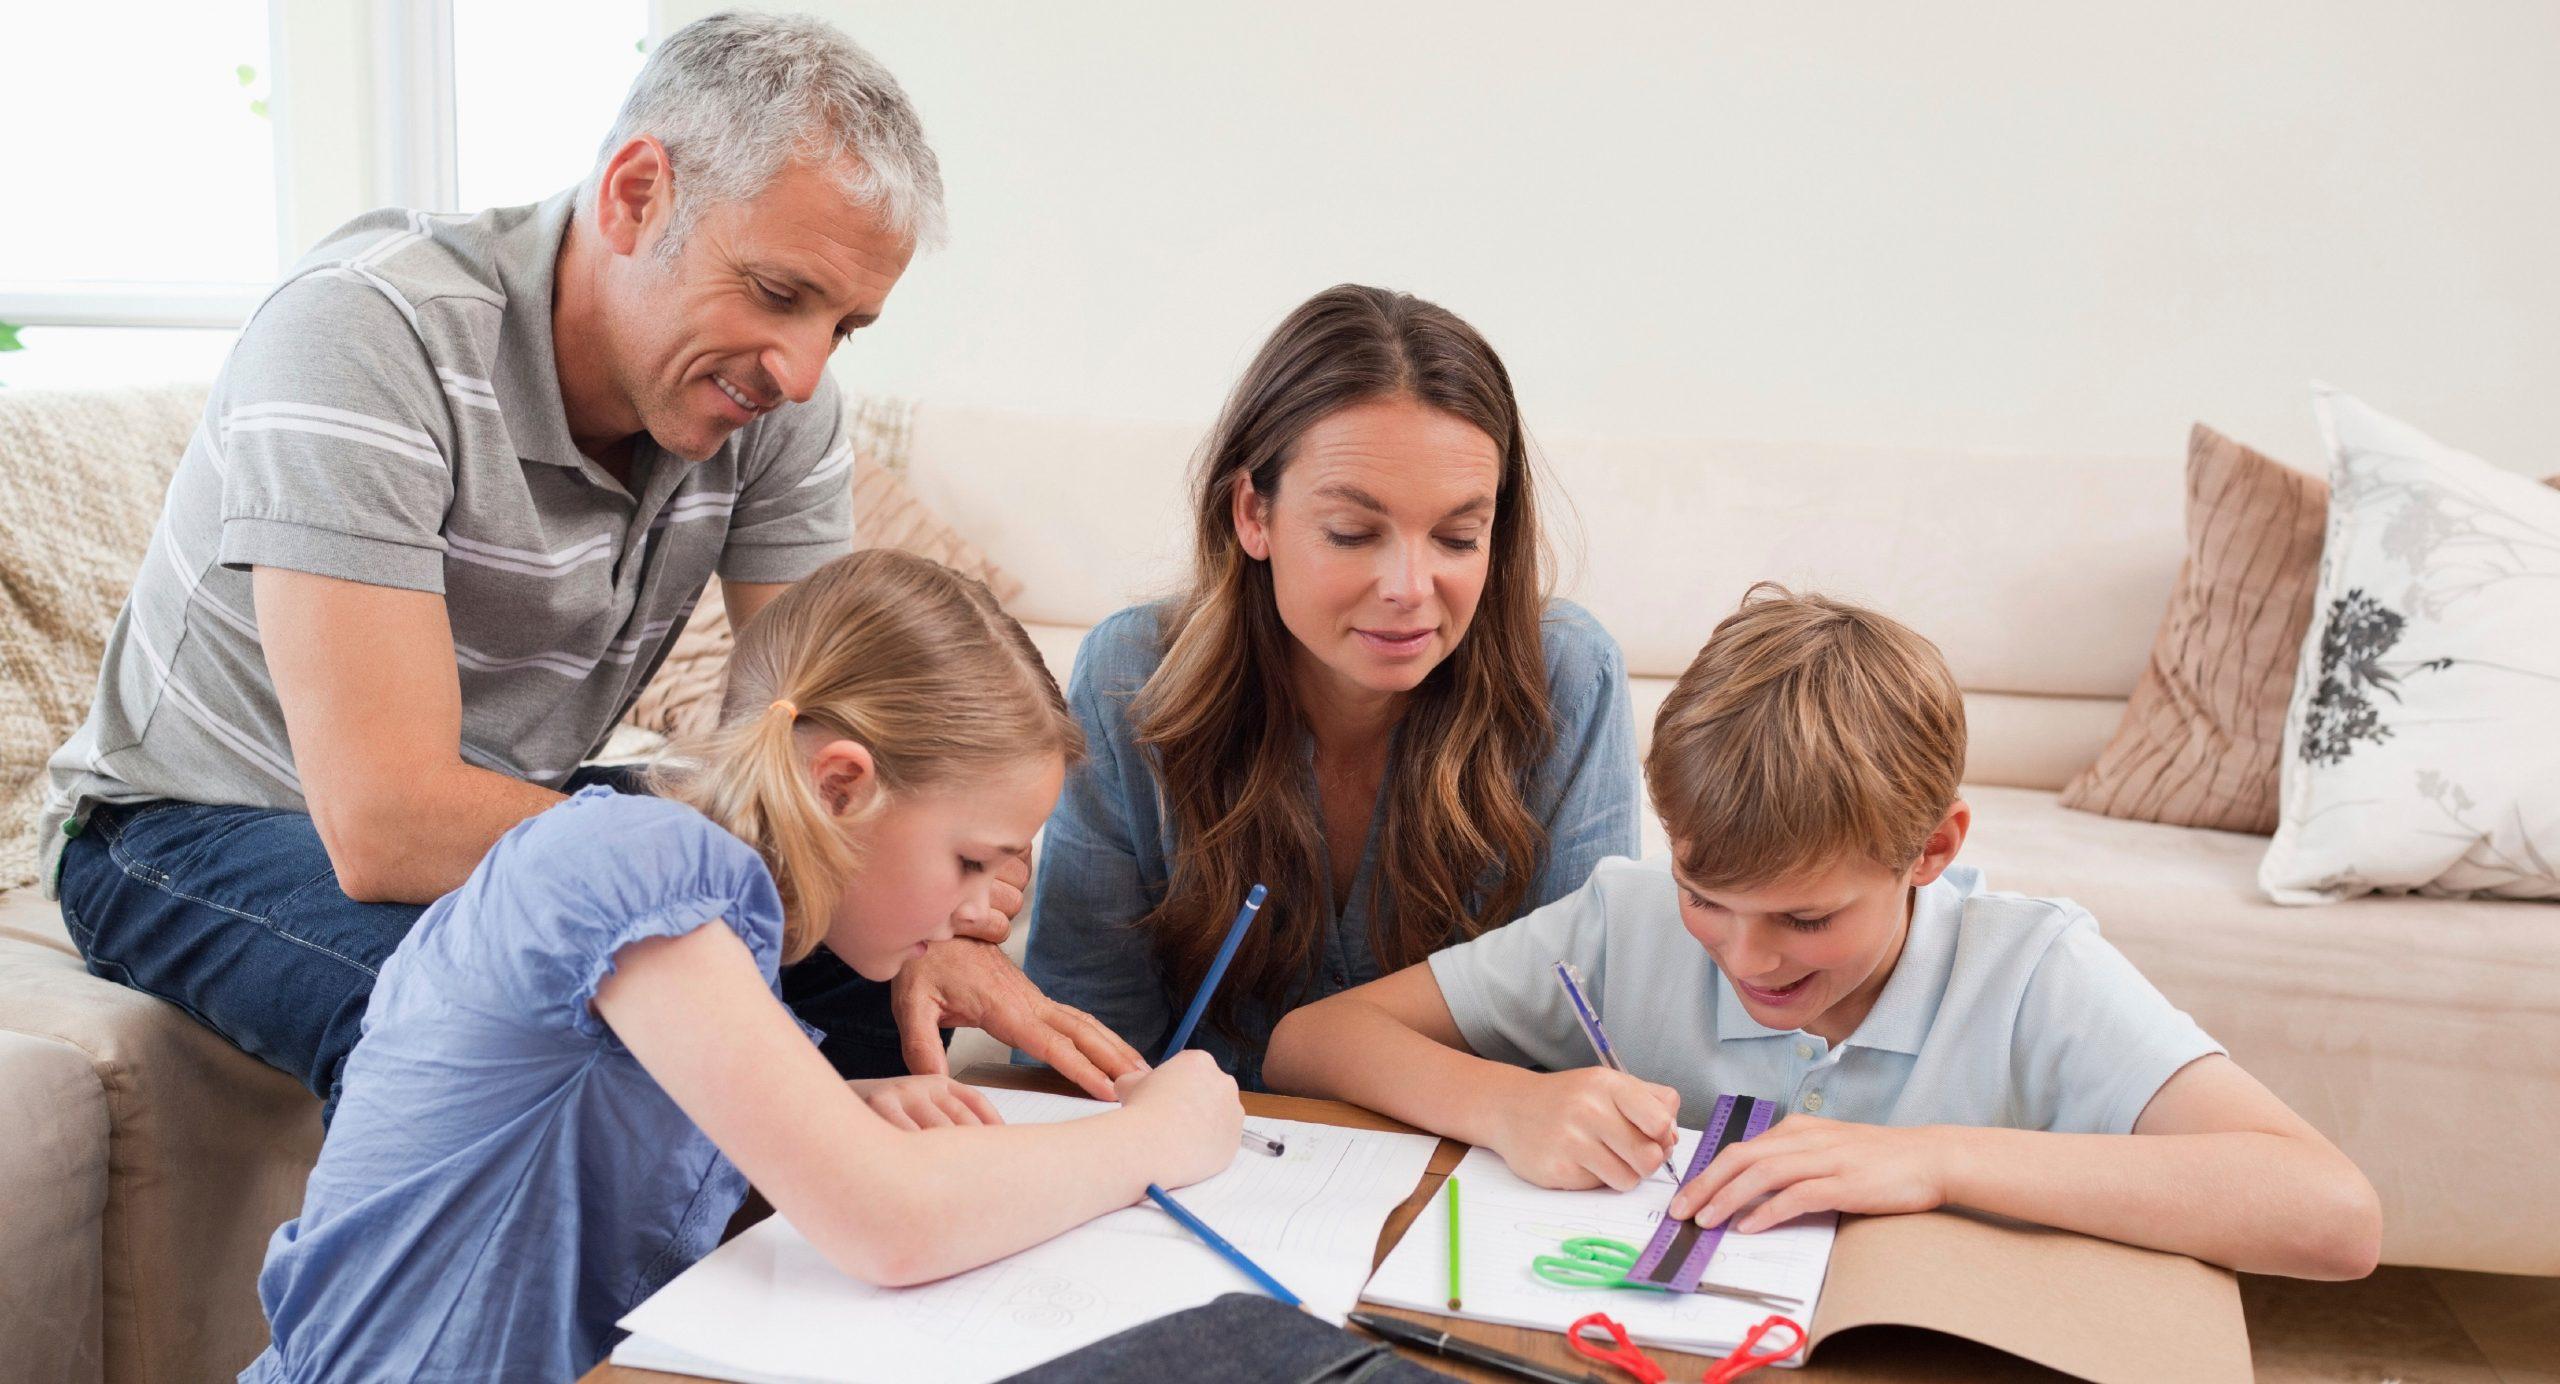 Выплаты на школьников можно получить только безналичном расчетом – Минтруд